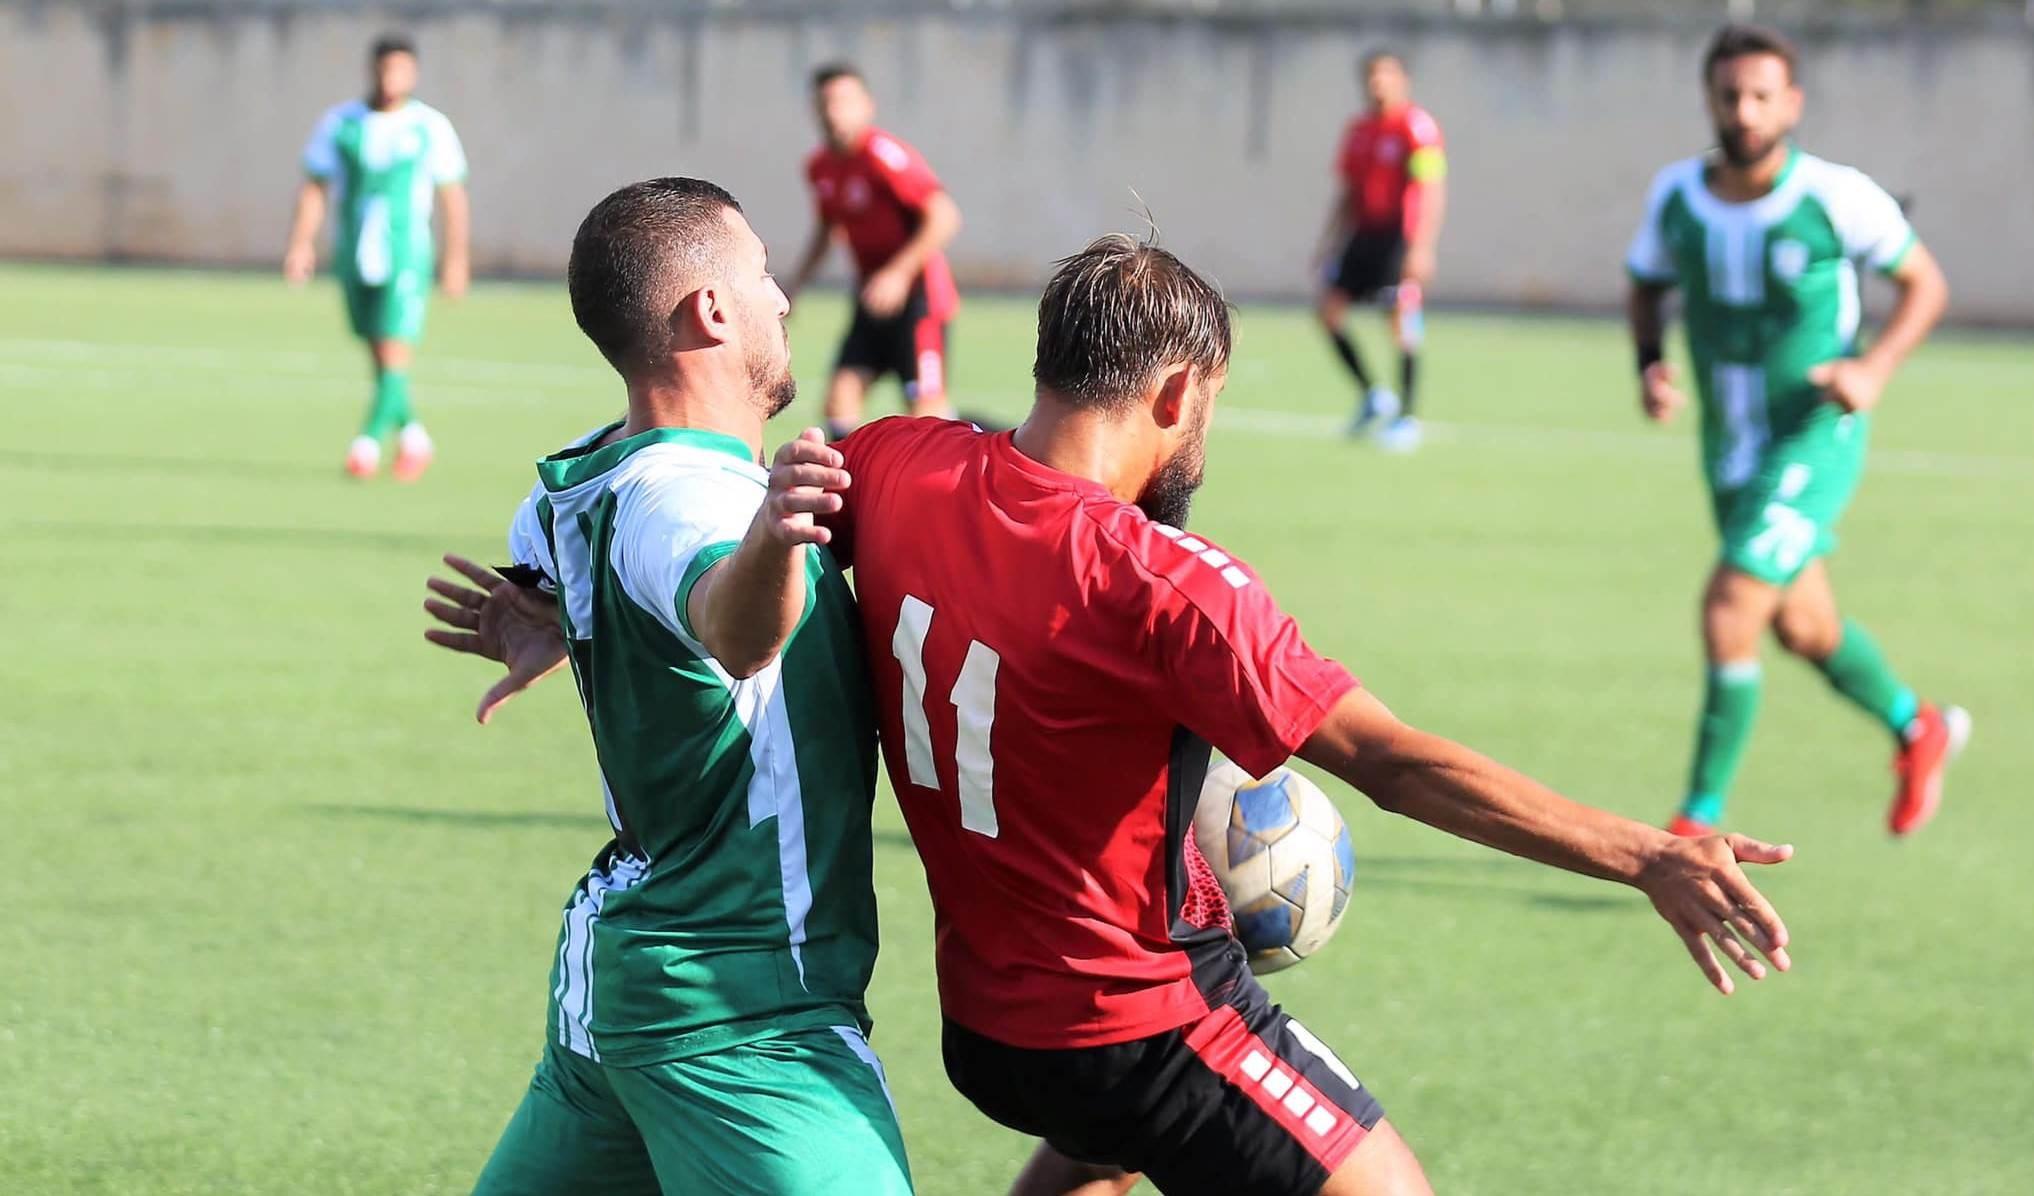 كرة القدم اللبنانيّة ورحلة البحث عن الحياة مع انطلاقة الدوري